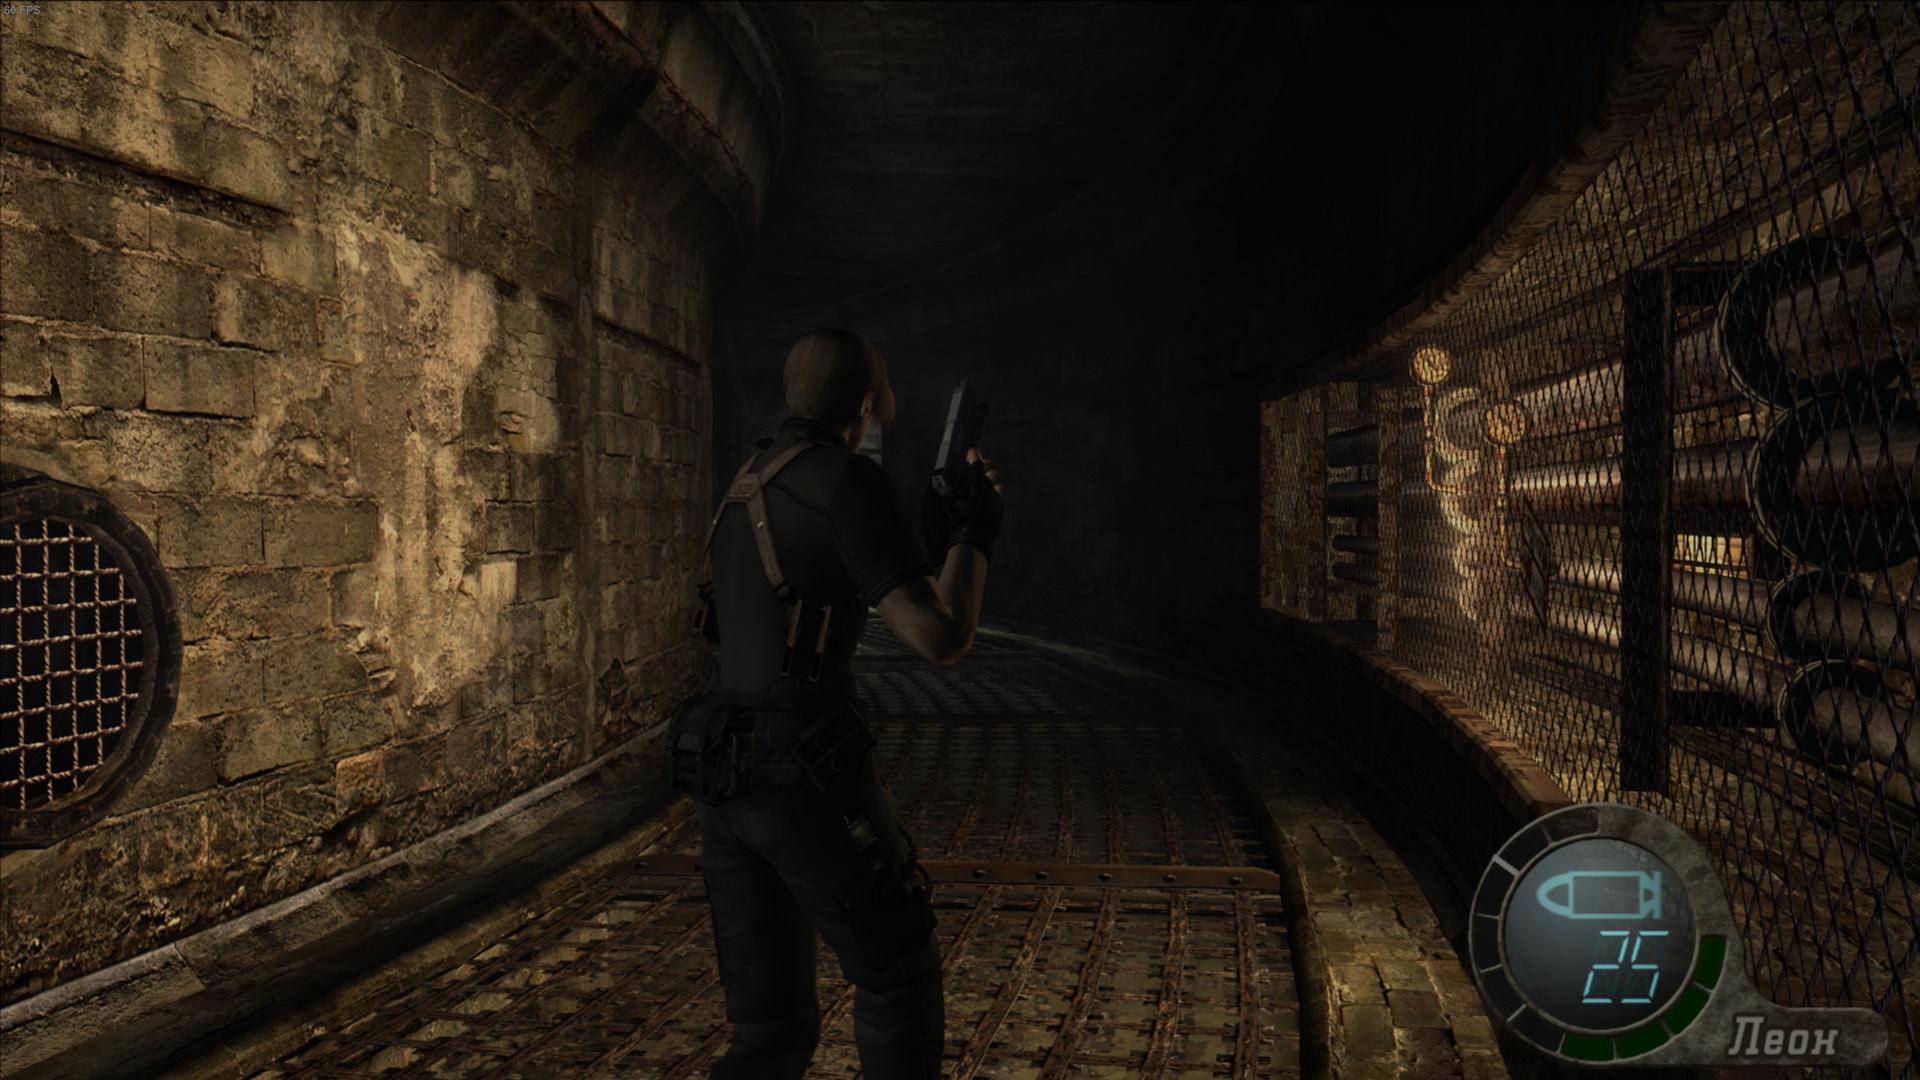 bio4 2018-11-16 21-42-43-571.jpg - Resident Evil 4